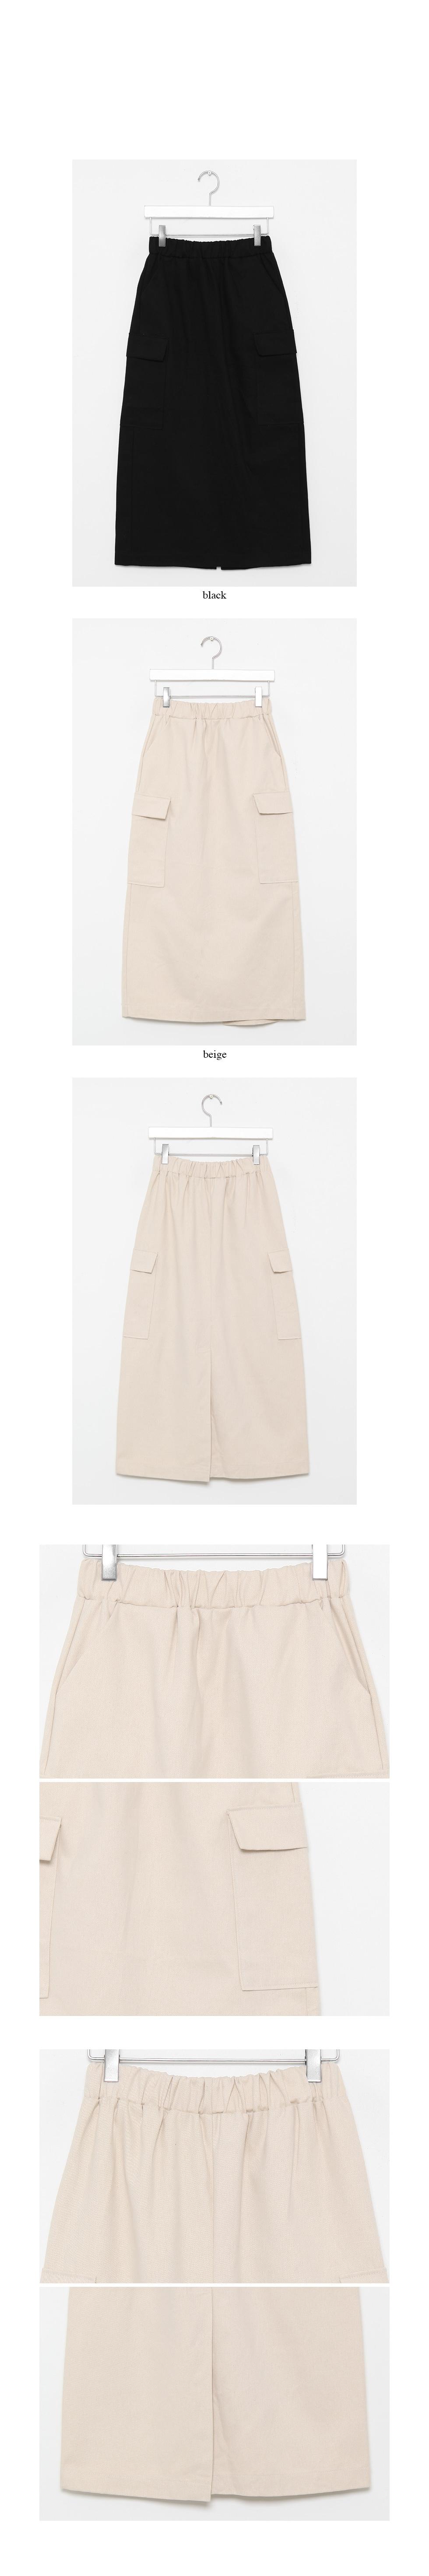 hard tack skirts